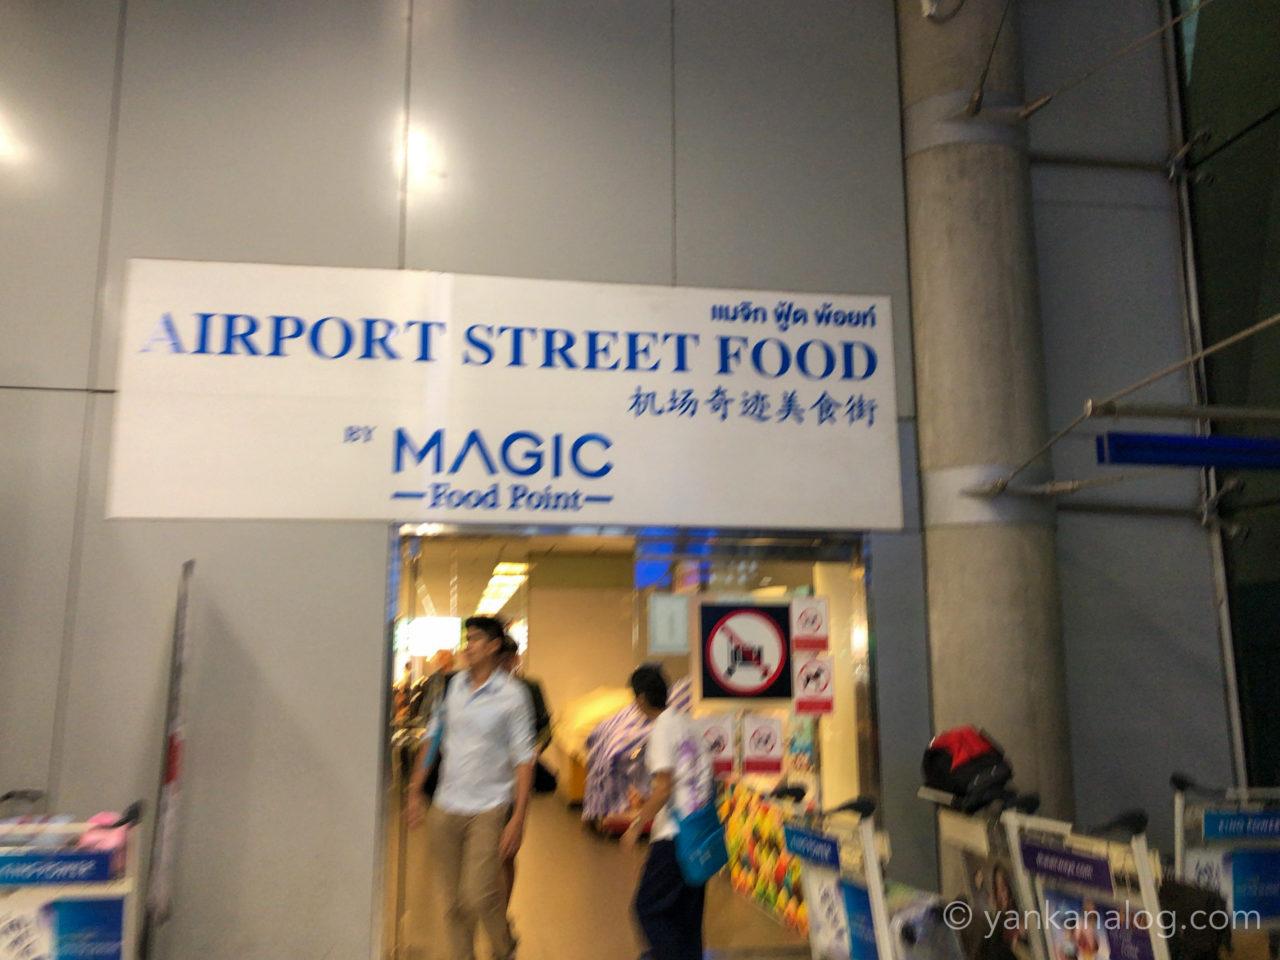 スワンナプーム空港マジックフードポイント1